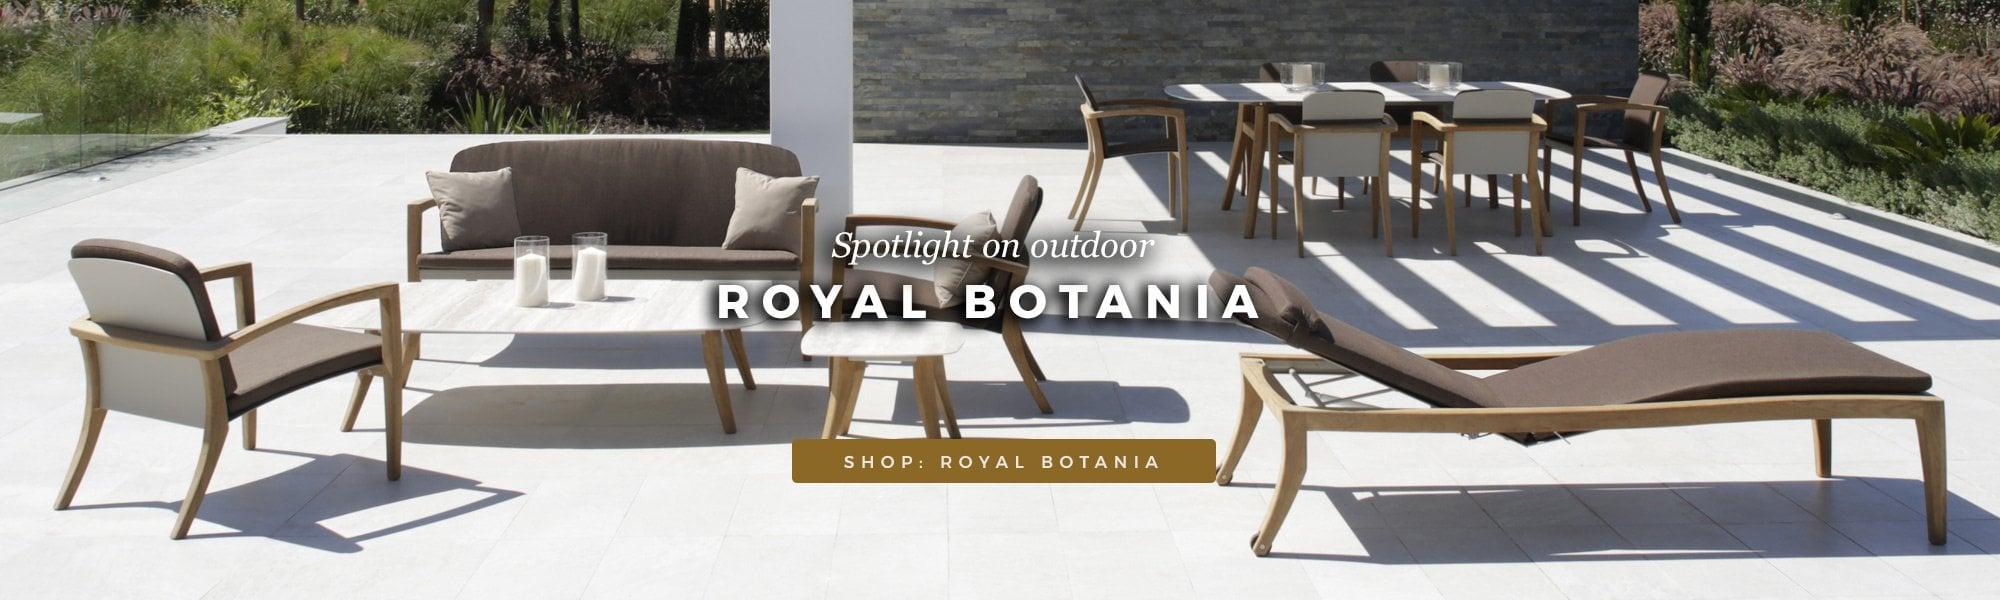 Royal Botania summer 2019